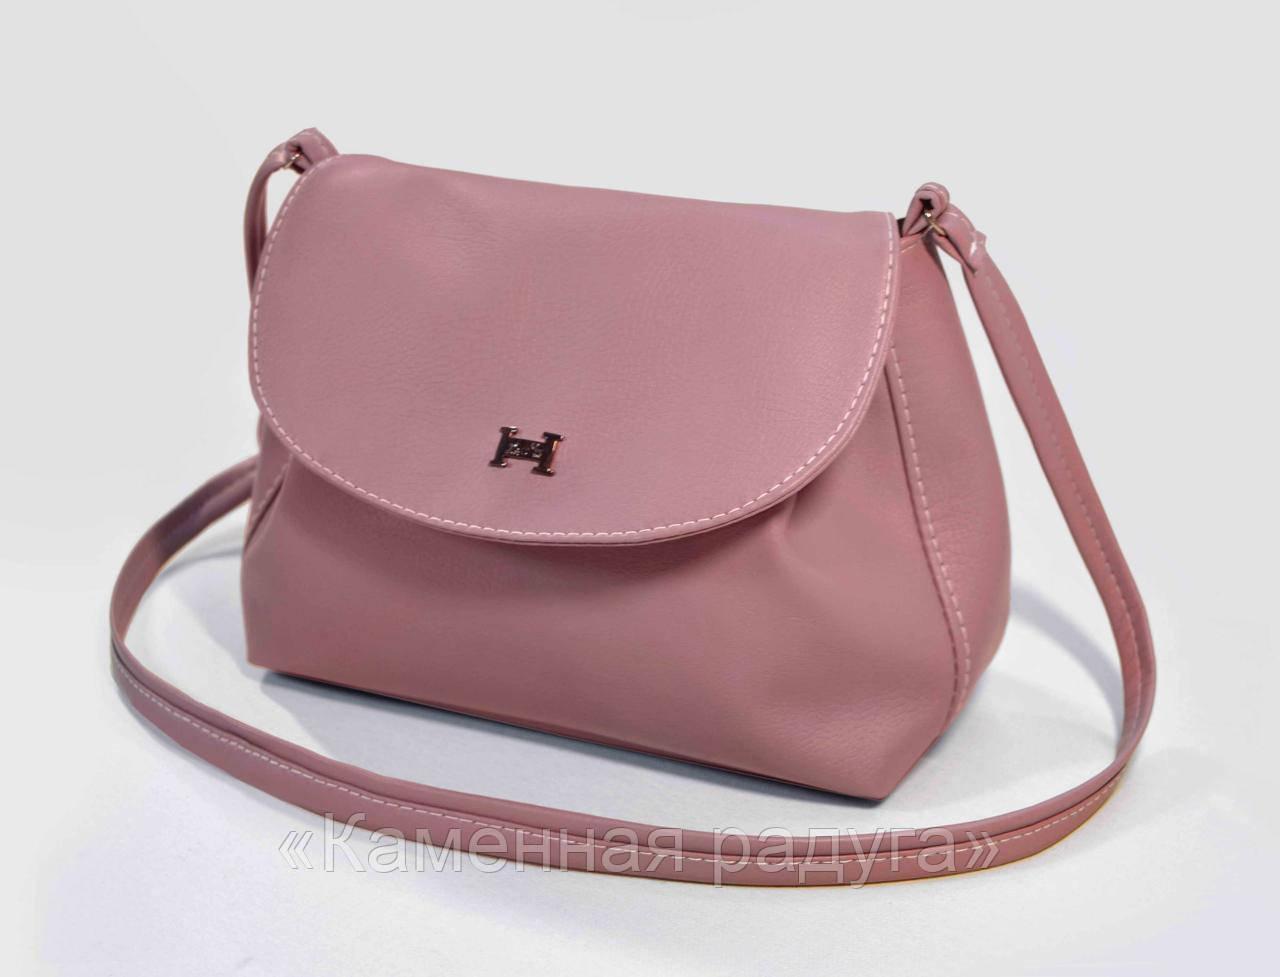 Стильная сиреневая сумочка кроссбоди